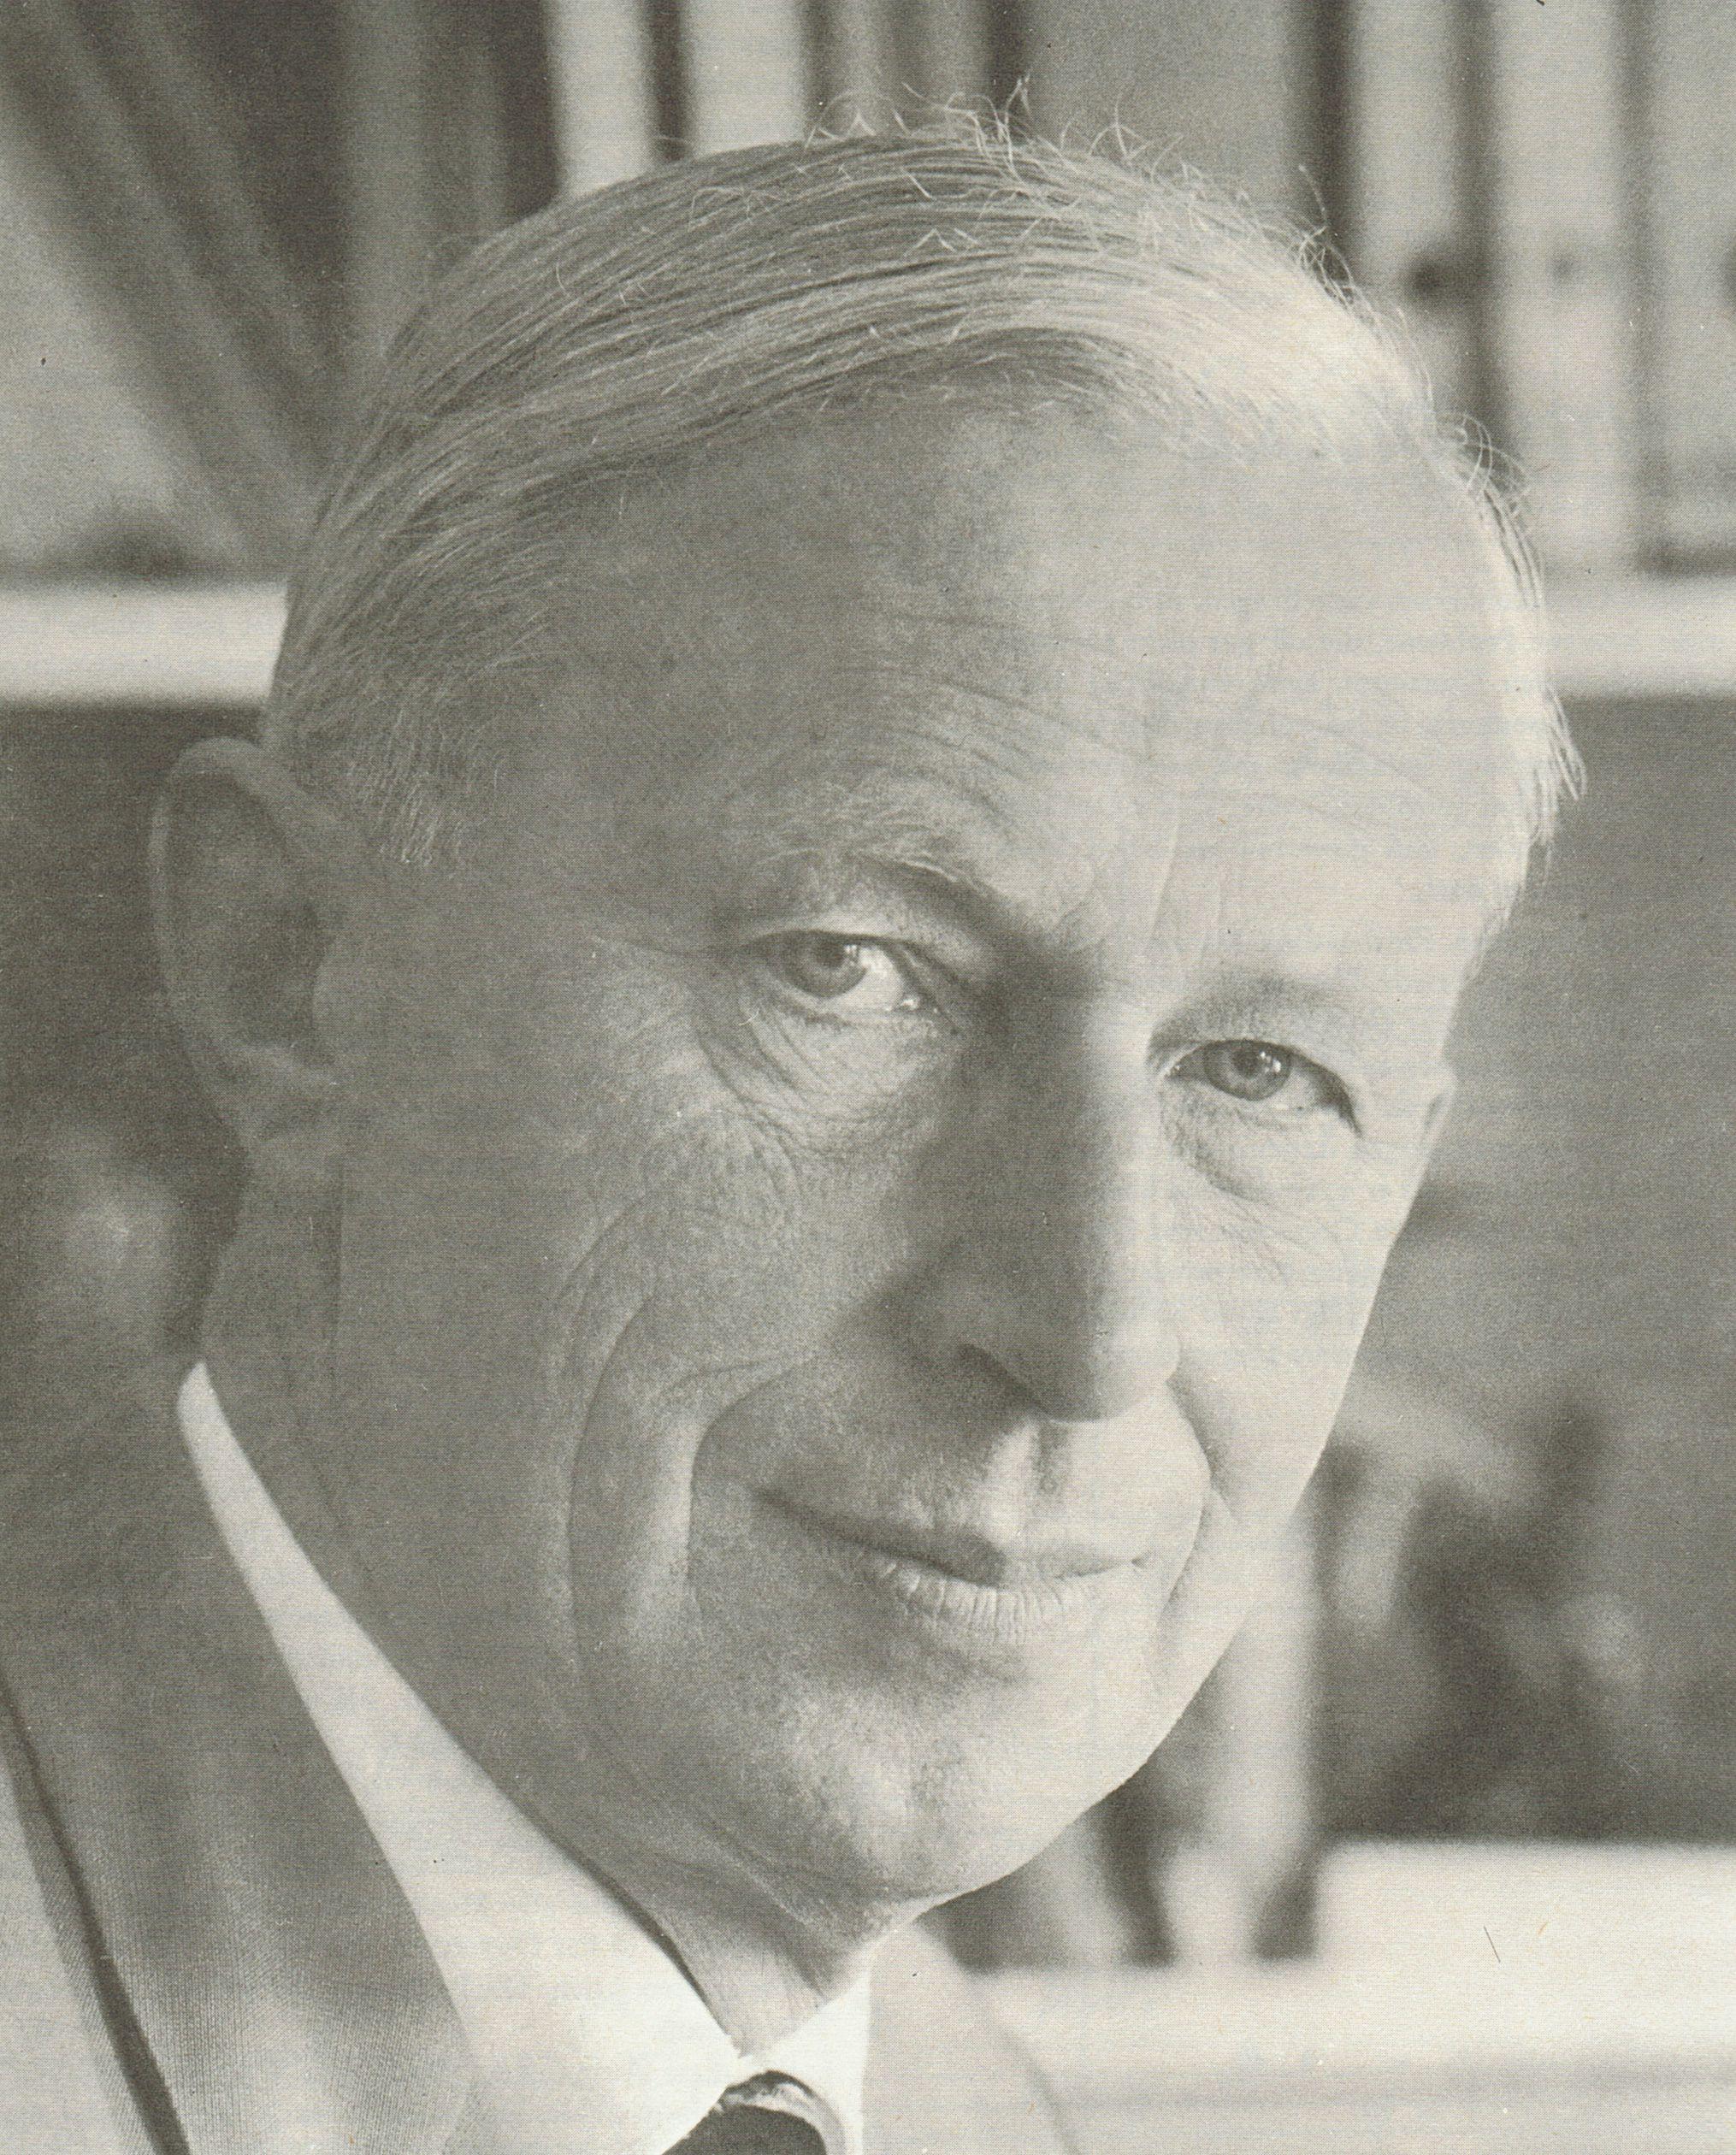 August WENZINGER, un portrait fait par Peter MOESCHLIN, Basel, probablement début des années 1960, publié entre autres dans le coffret DG Archive Production SAPM 198386, cliquer pour une vue agrandie